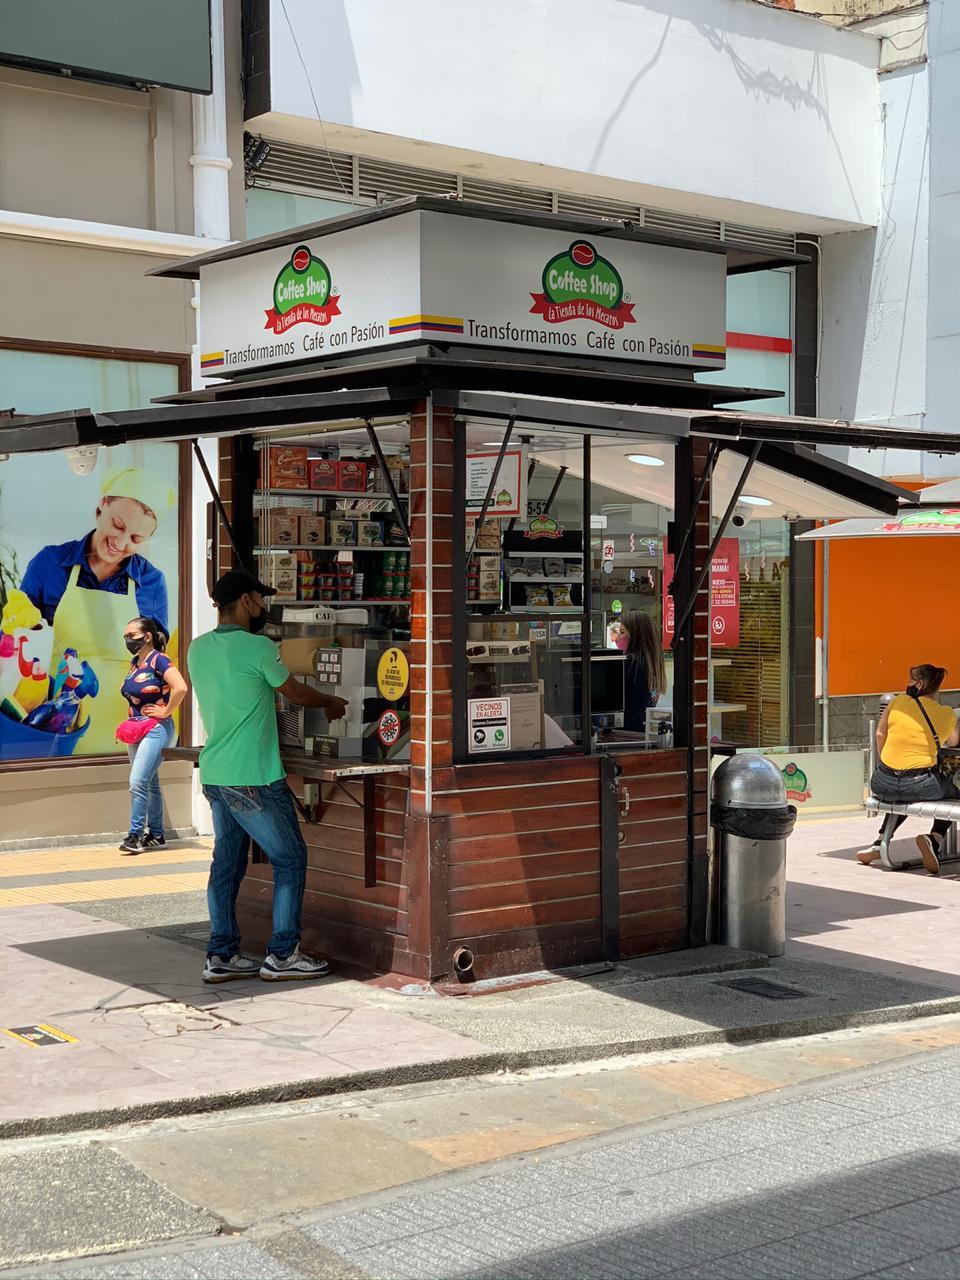 Coffee Shop La Tienda de Los Mecatos – Calle Real